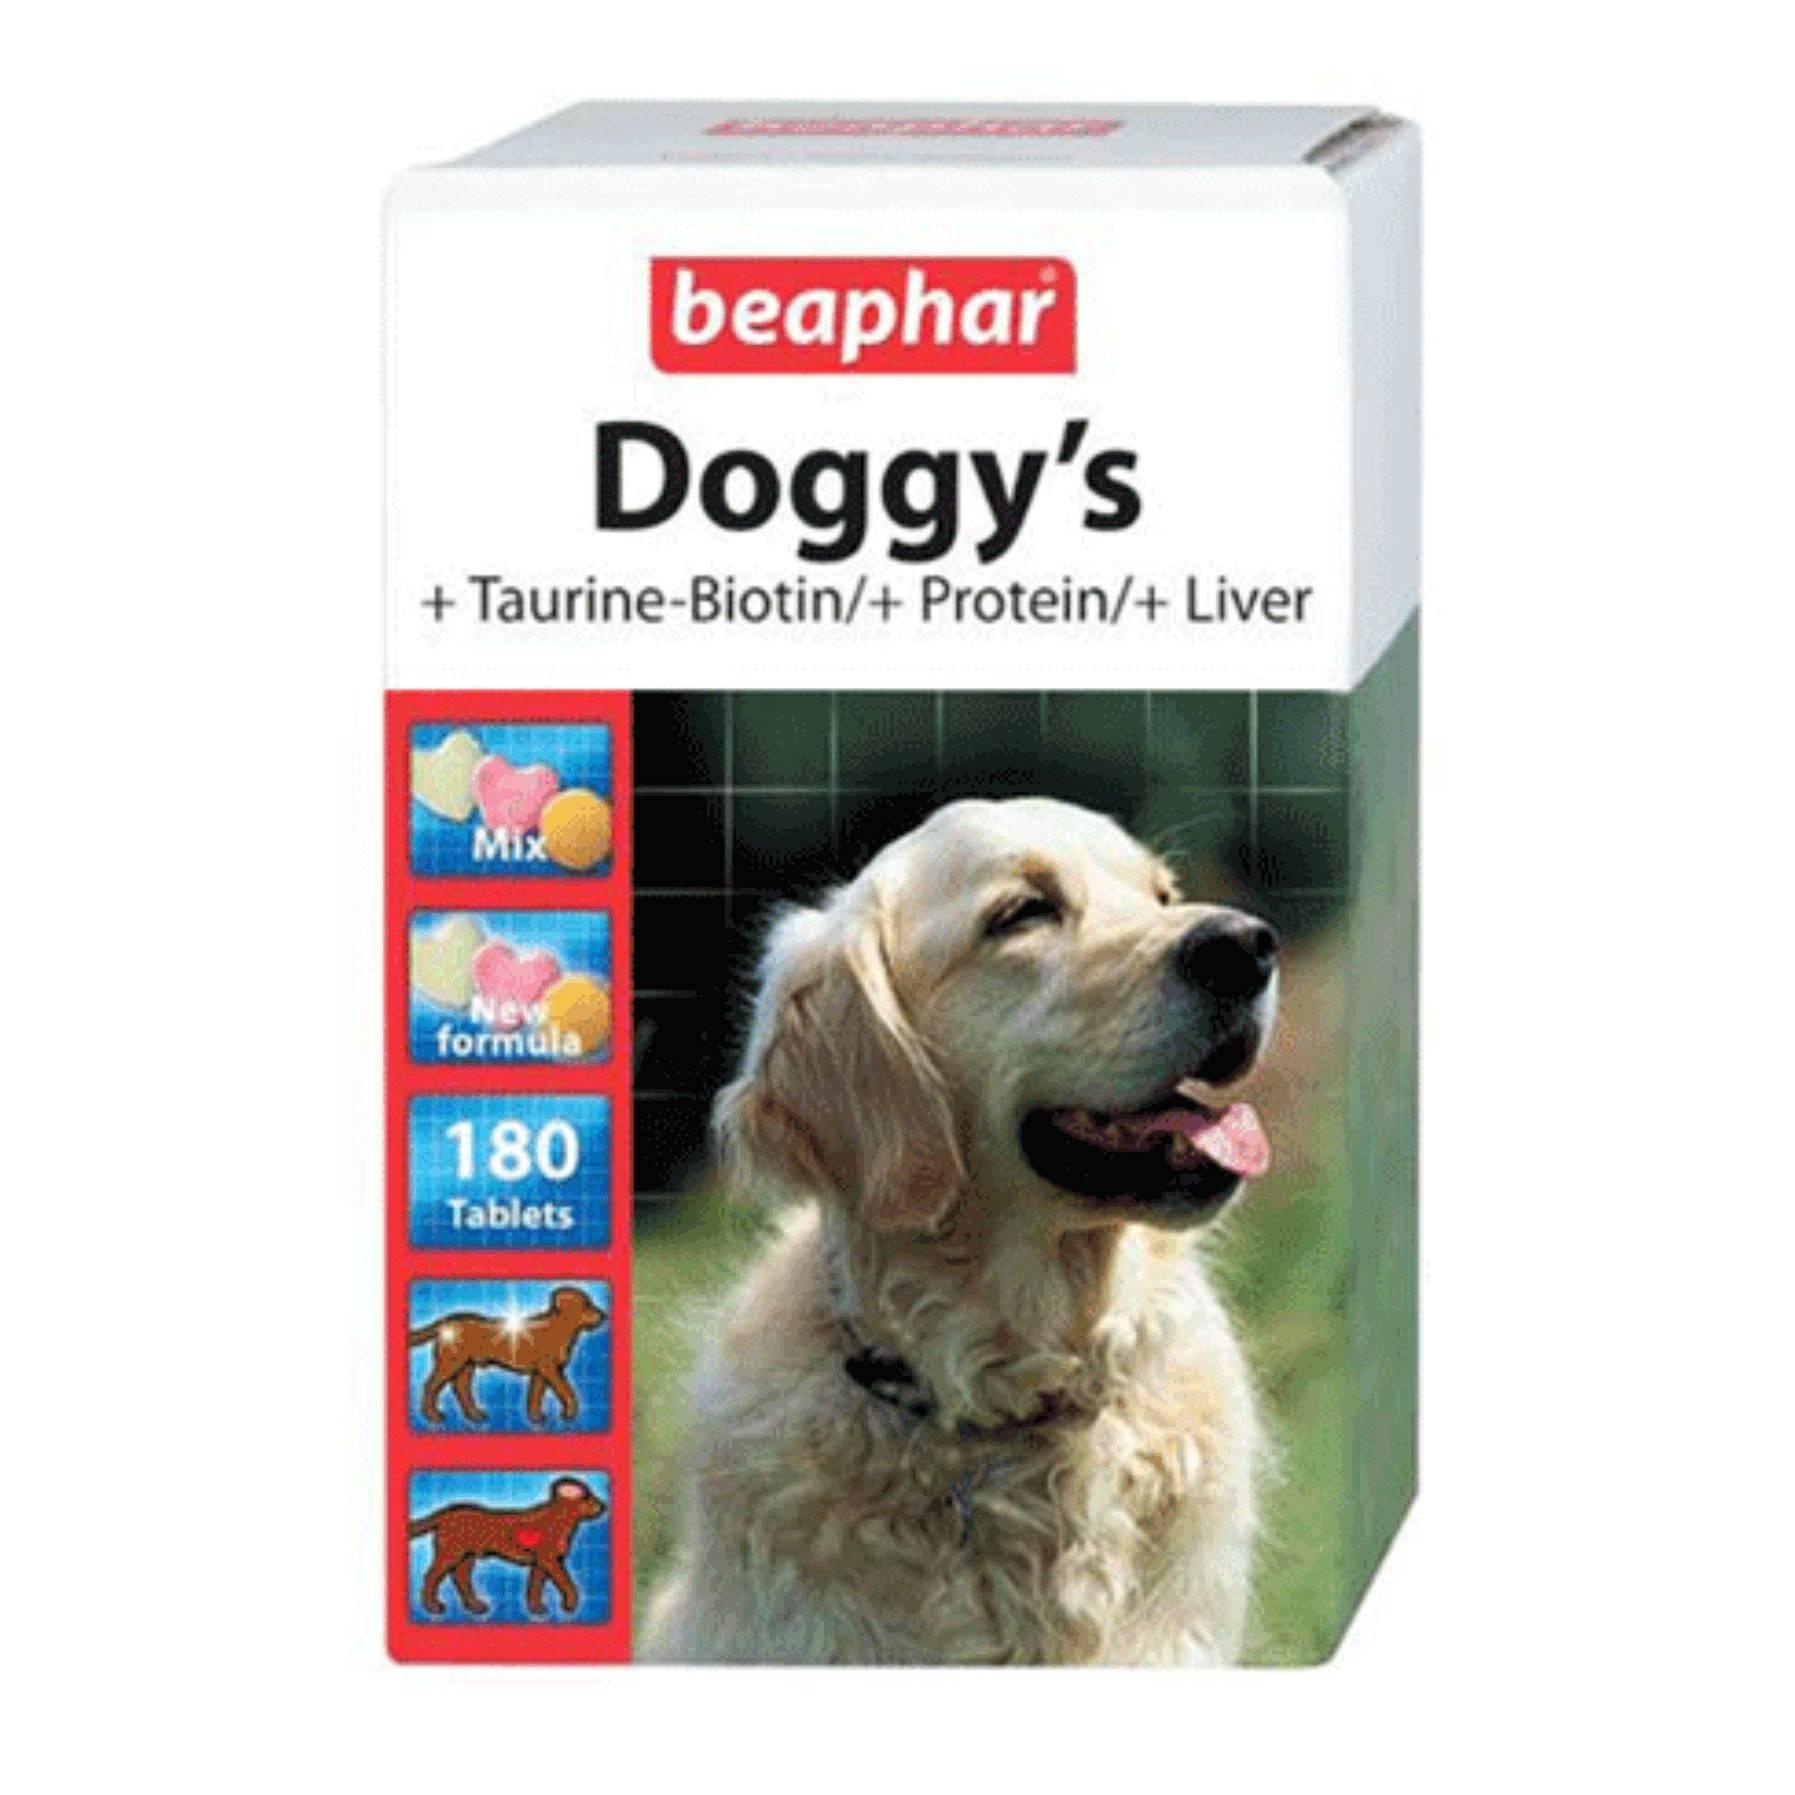 Витамины beaphar для собак: 5 популярных видов, отзывы